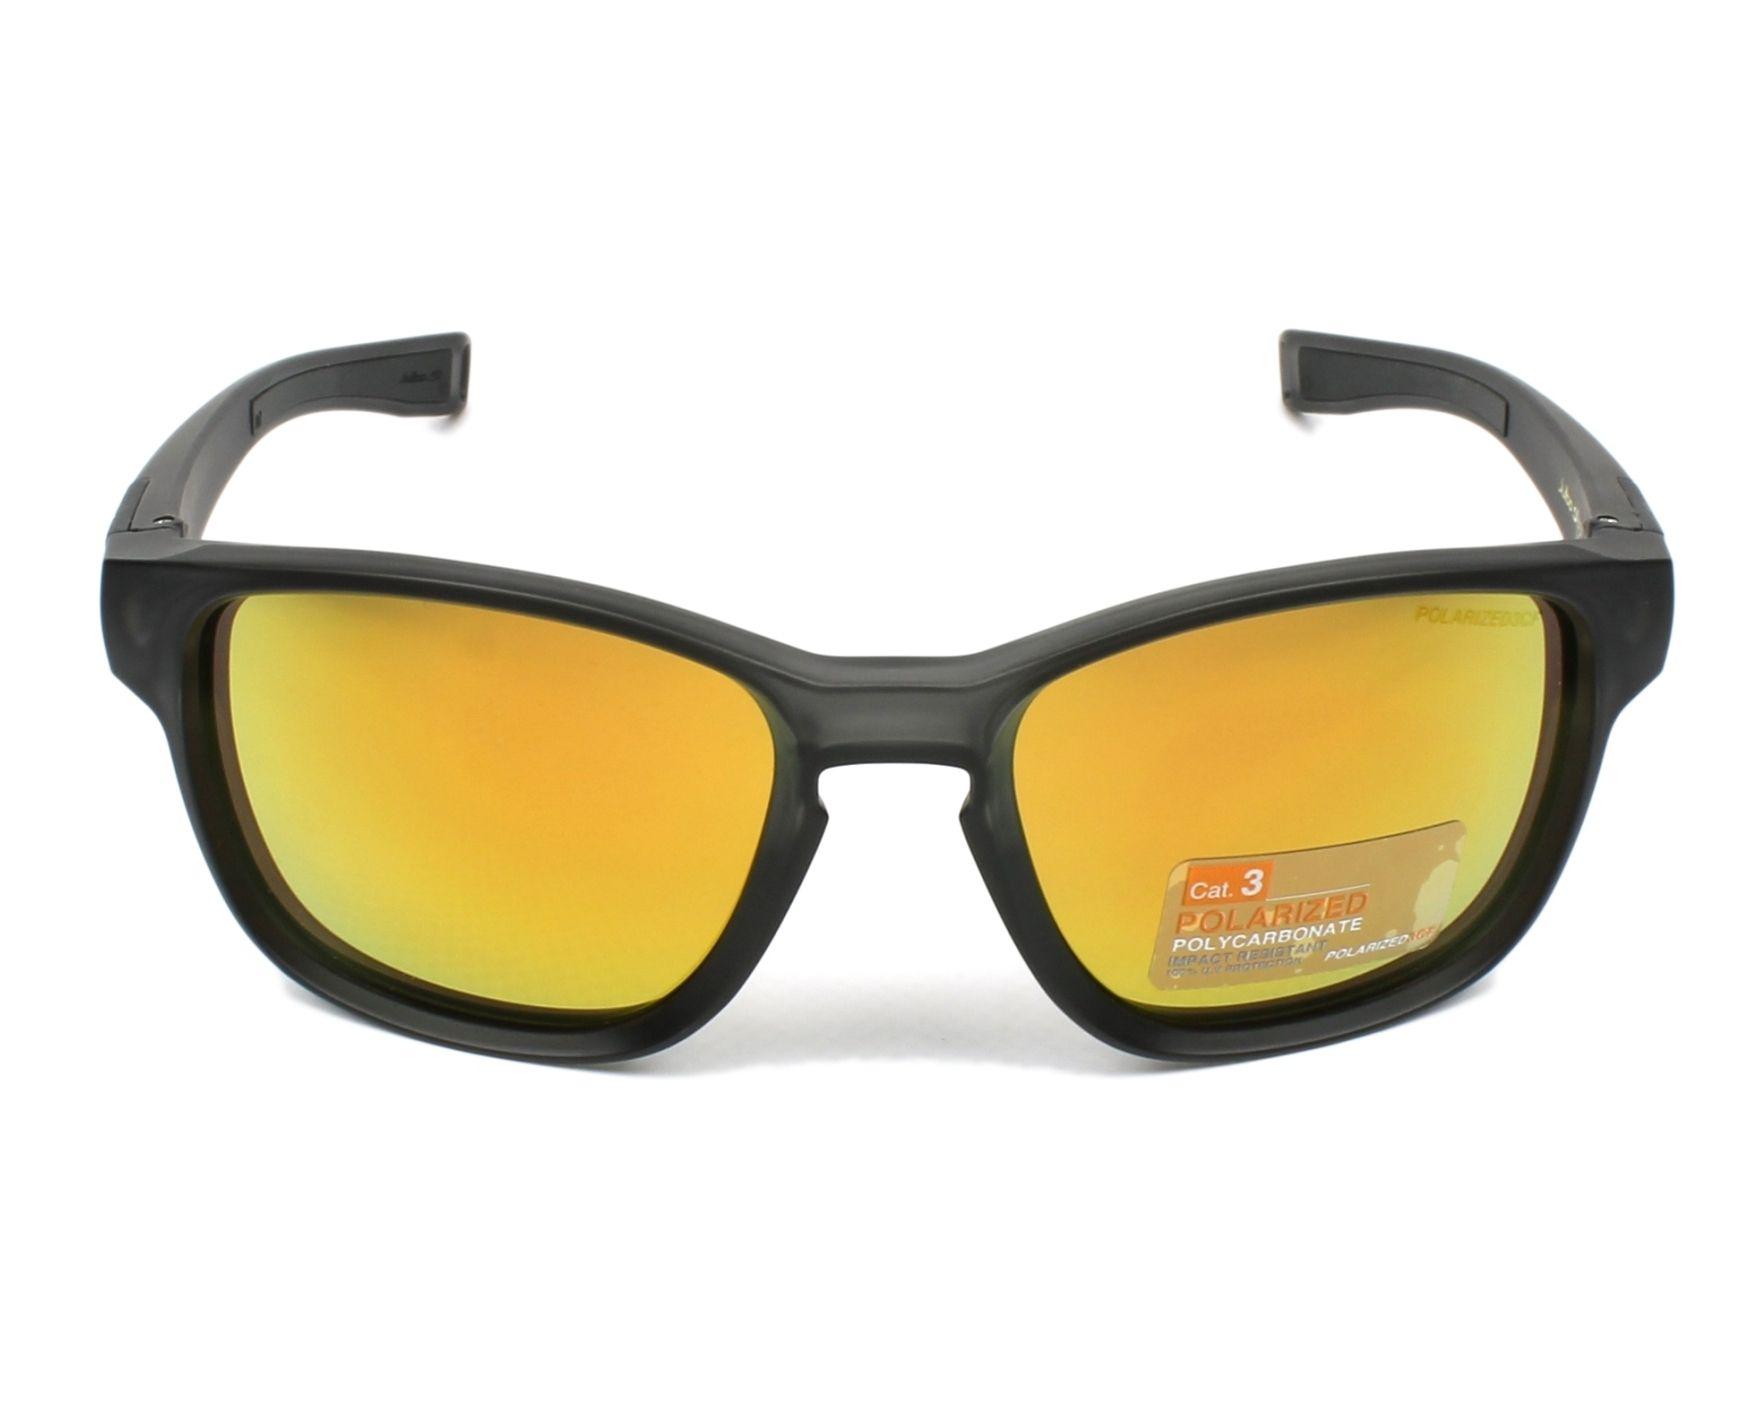 acheter des lunettes de soleil julbo j504 9414 visionet. Black Bedroom Furniture Sets. Home Design Ideas